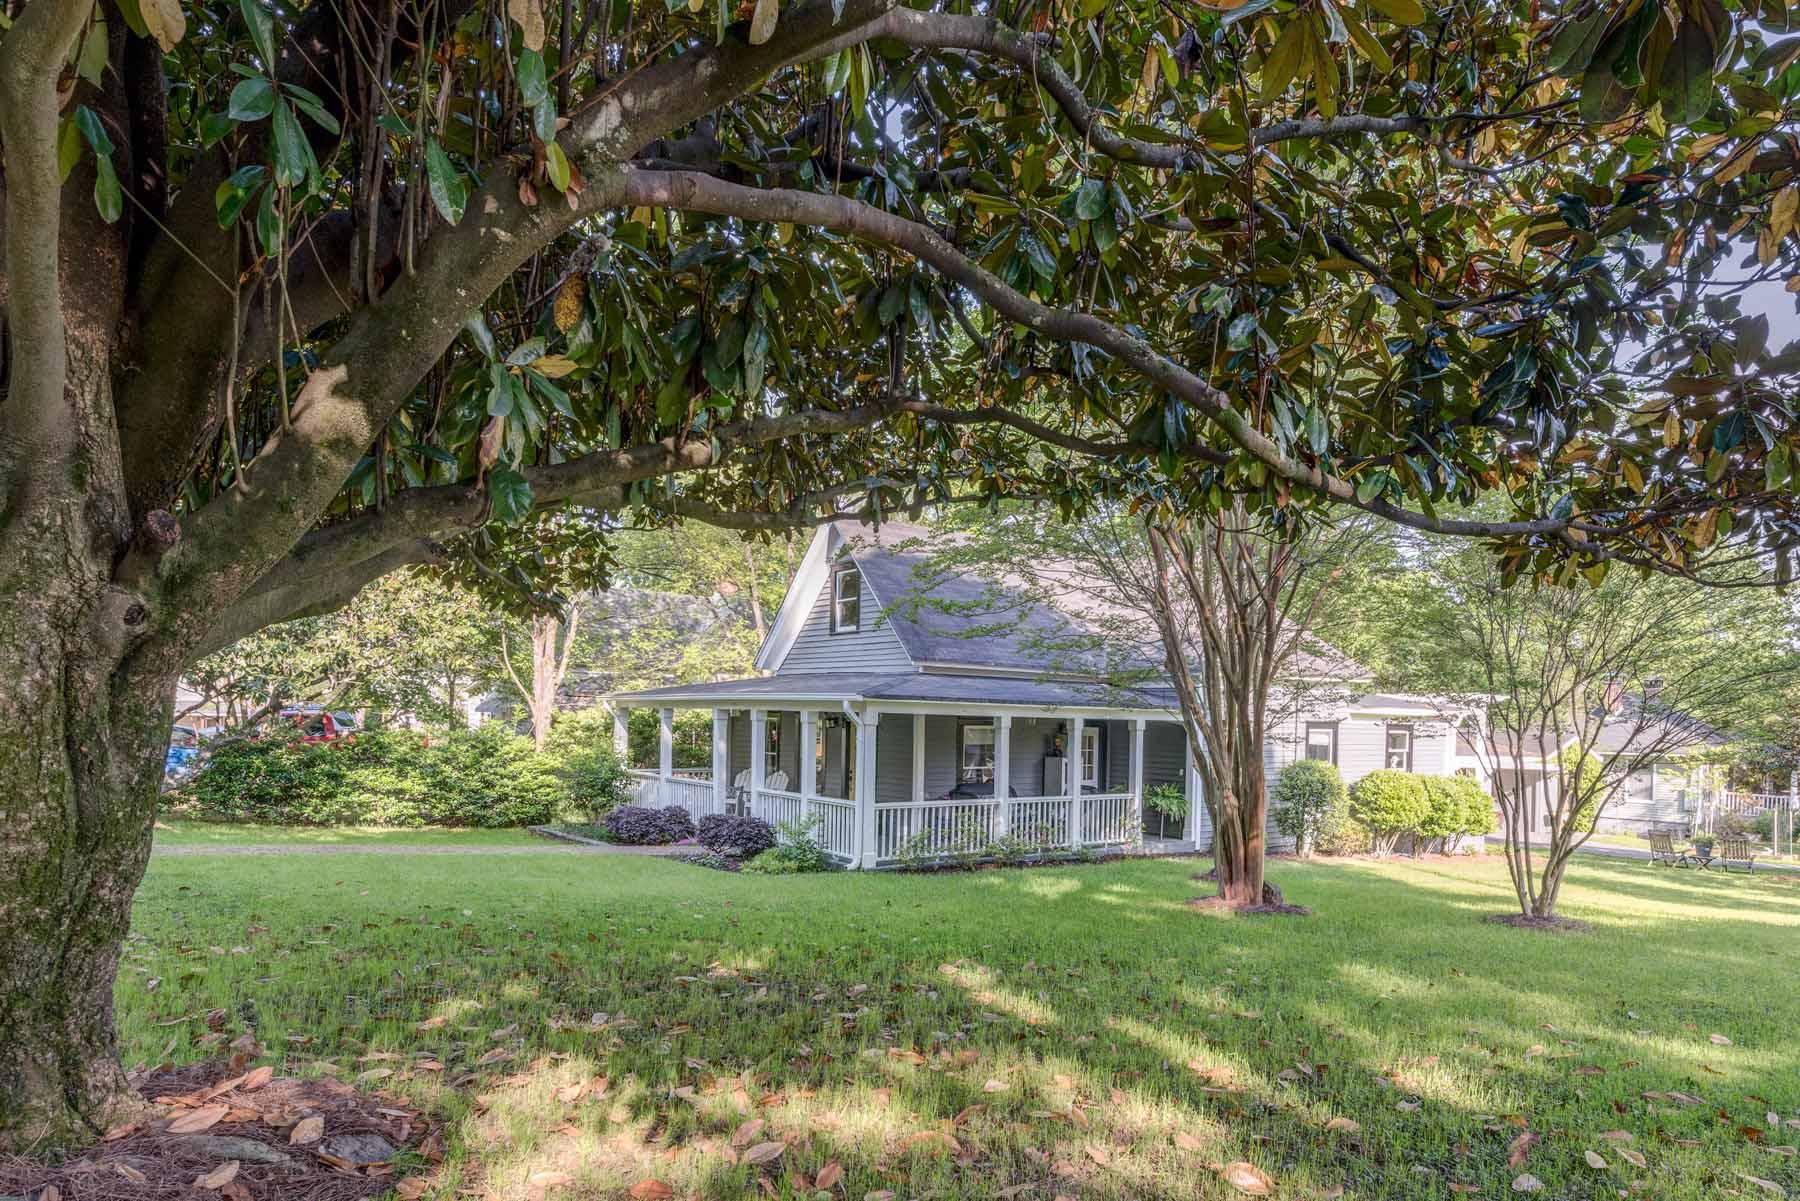 独户住宅 为 销售 在 Historic Neighborhood 2929 Layton Avenue NW 亚特兰大, 乔治亚州, 30318 美国